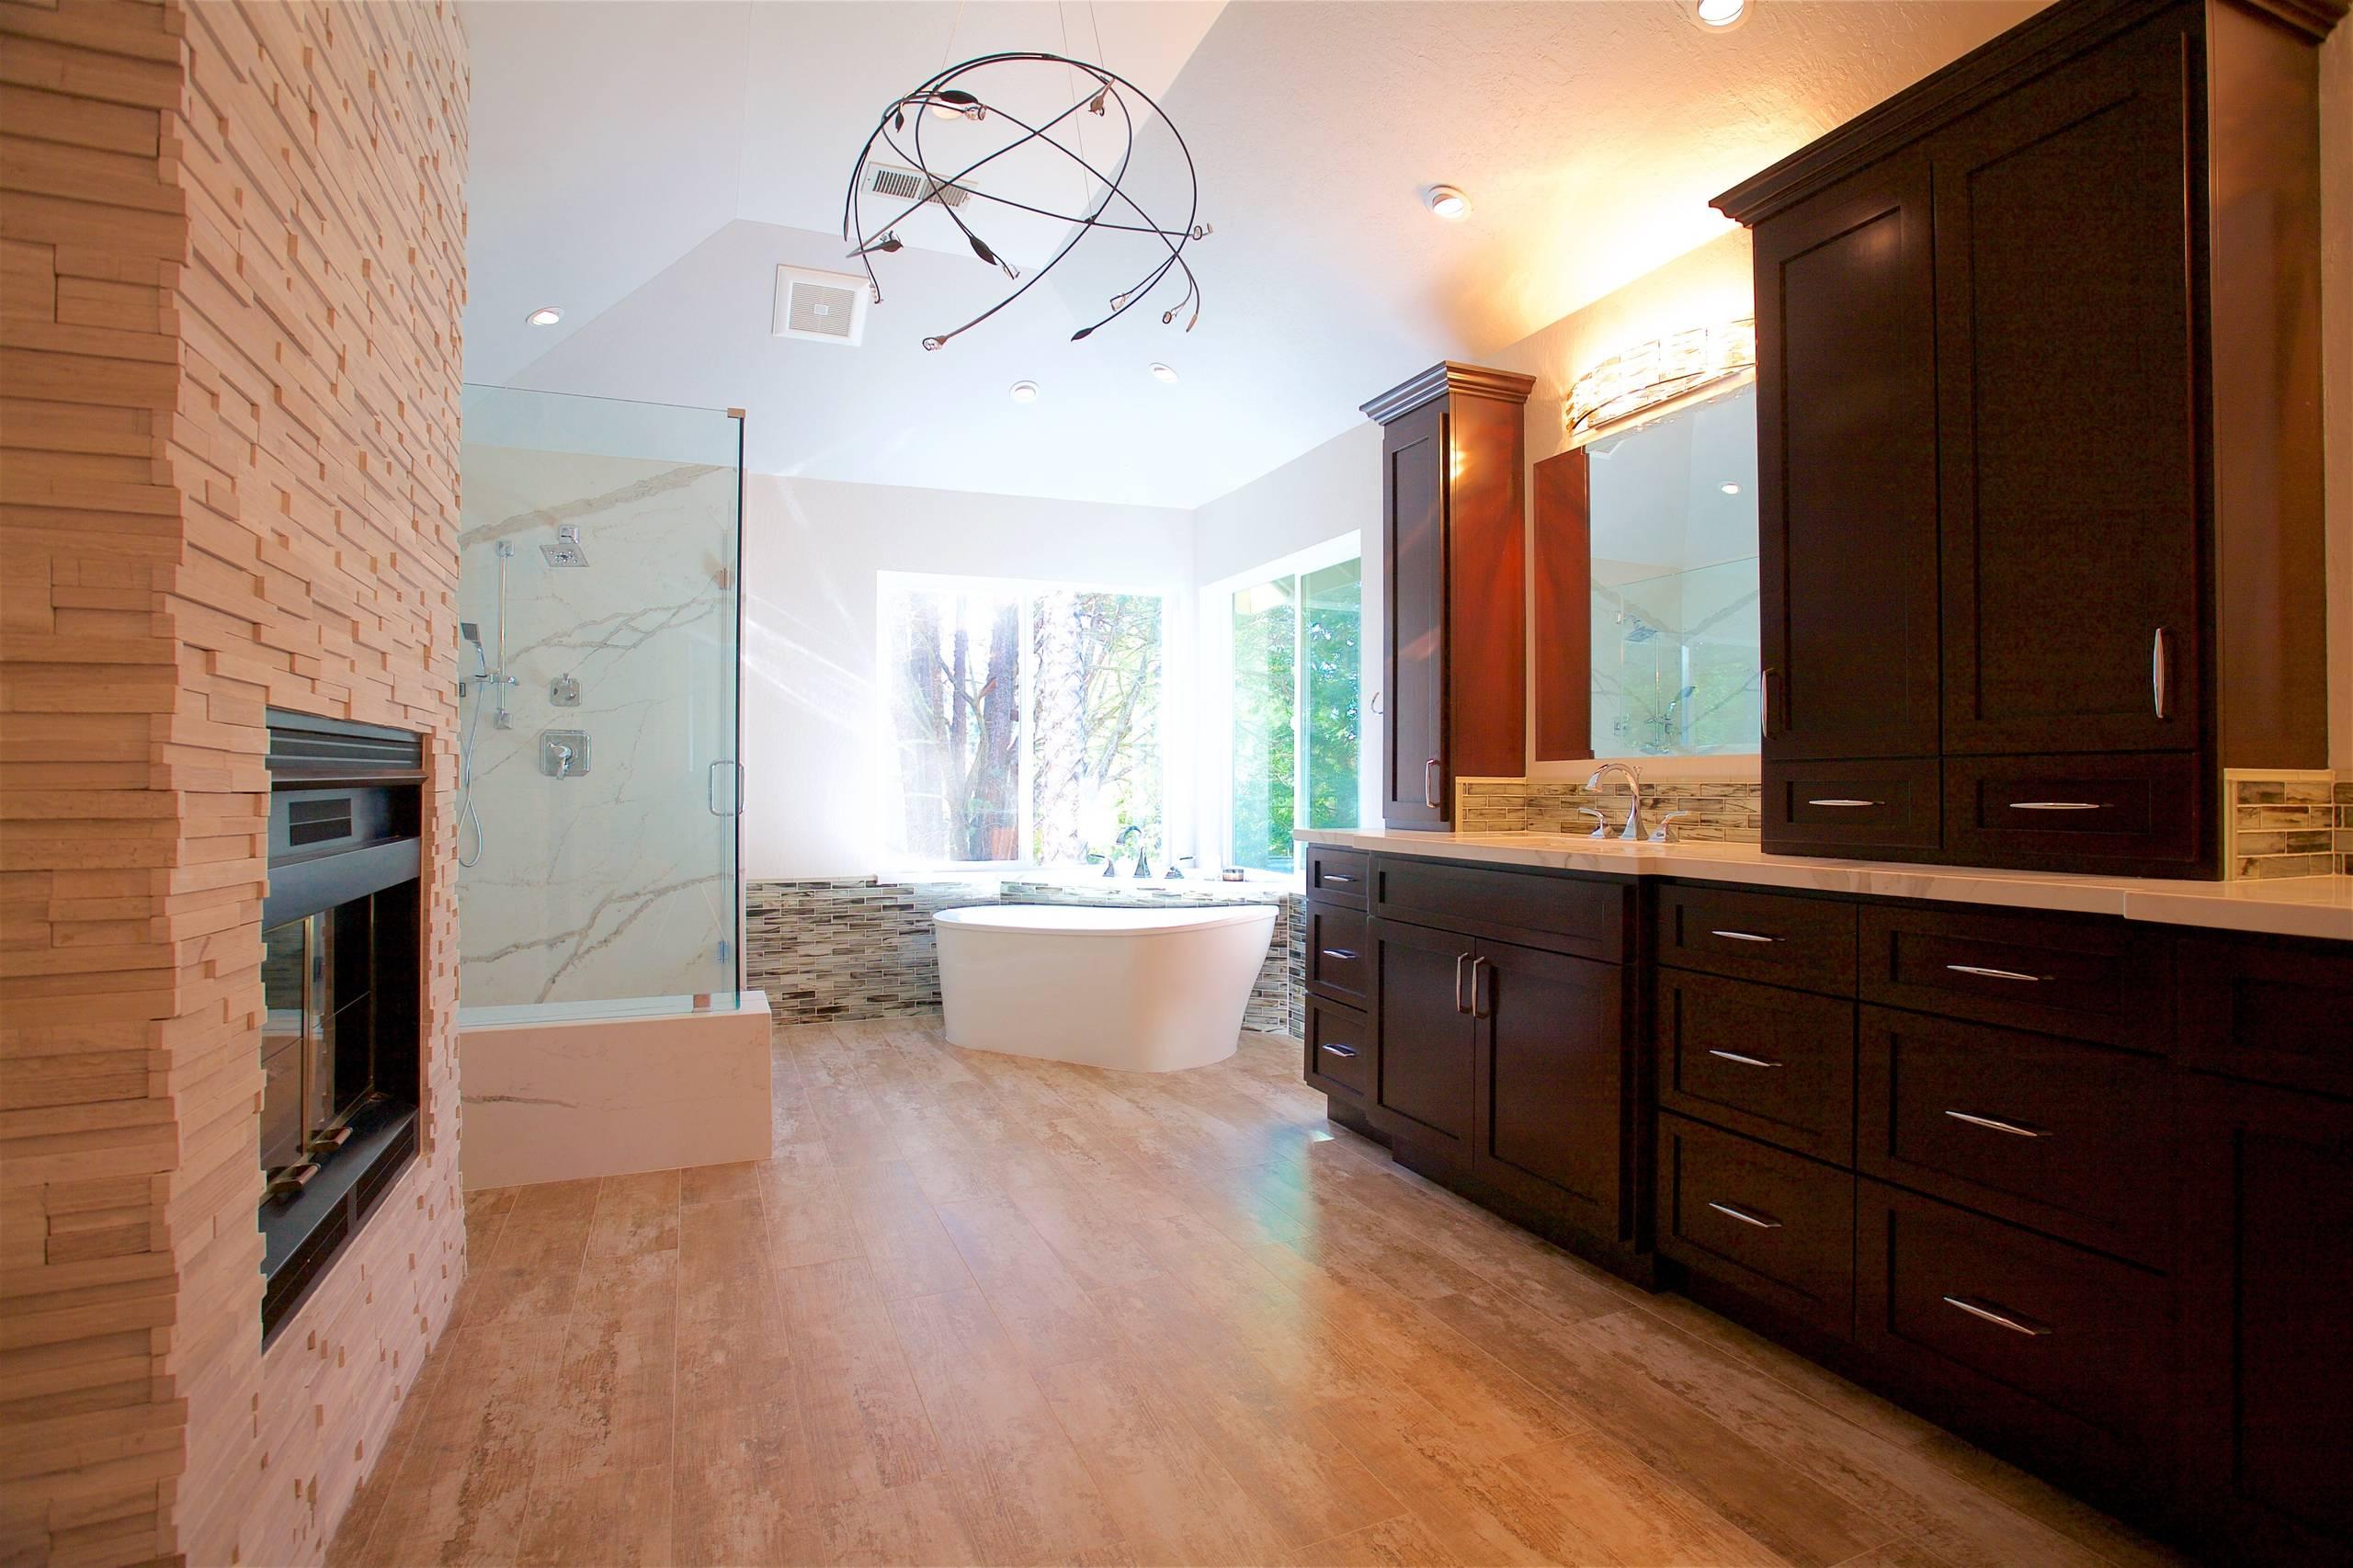 Contemporary Master Bathroom Remodel